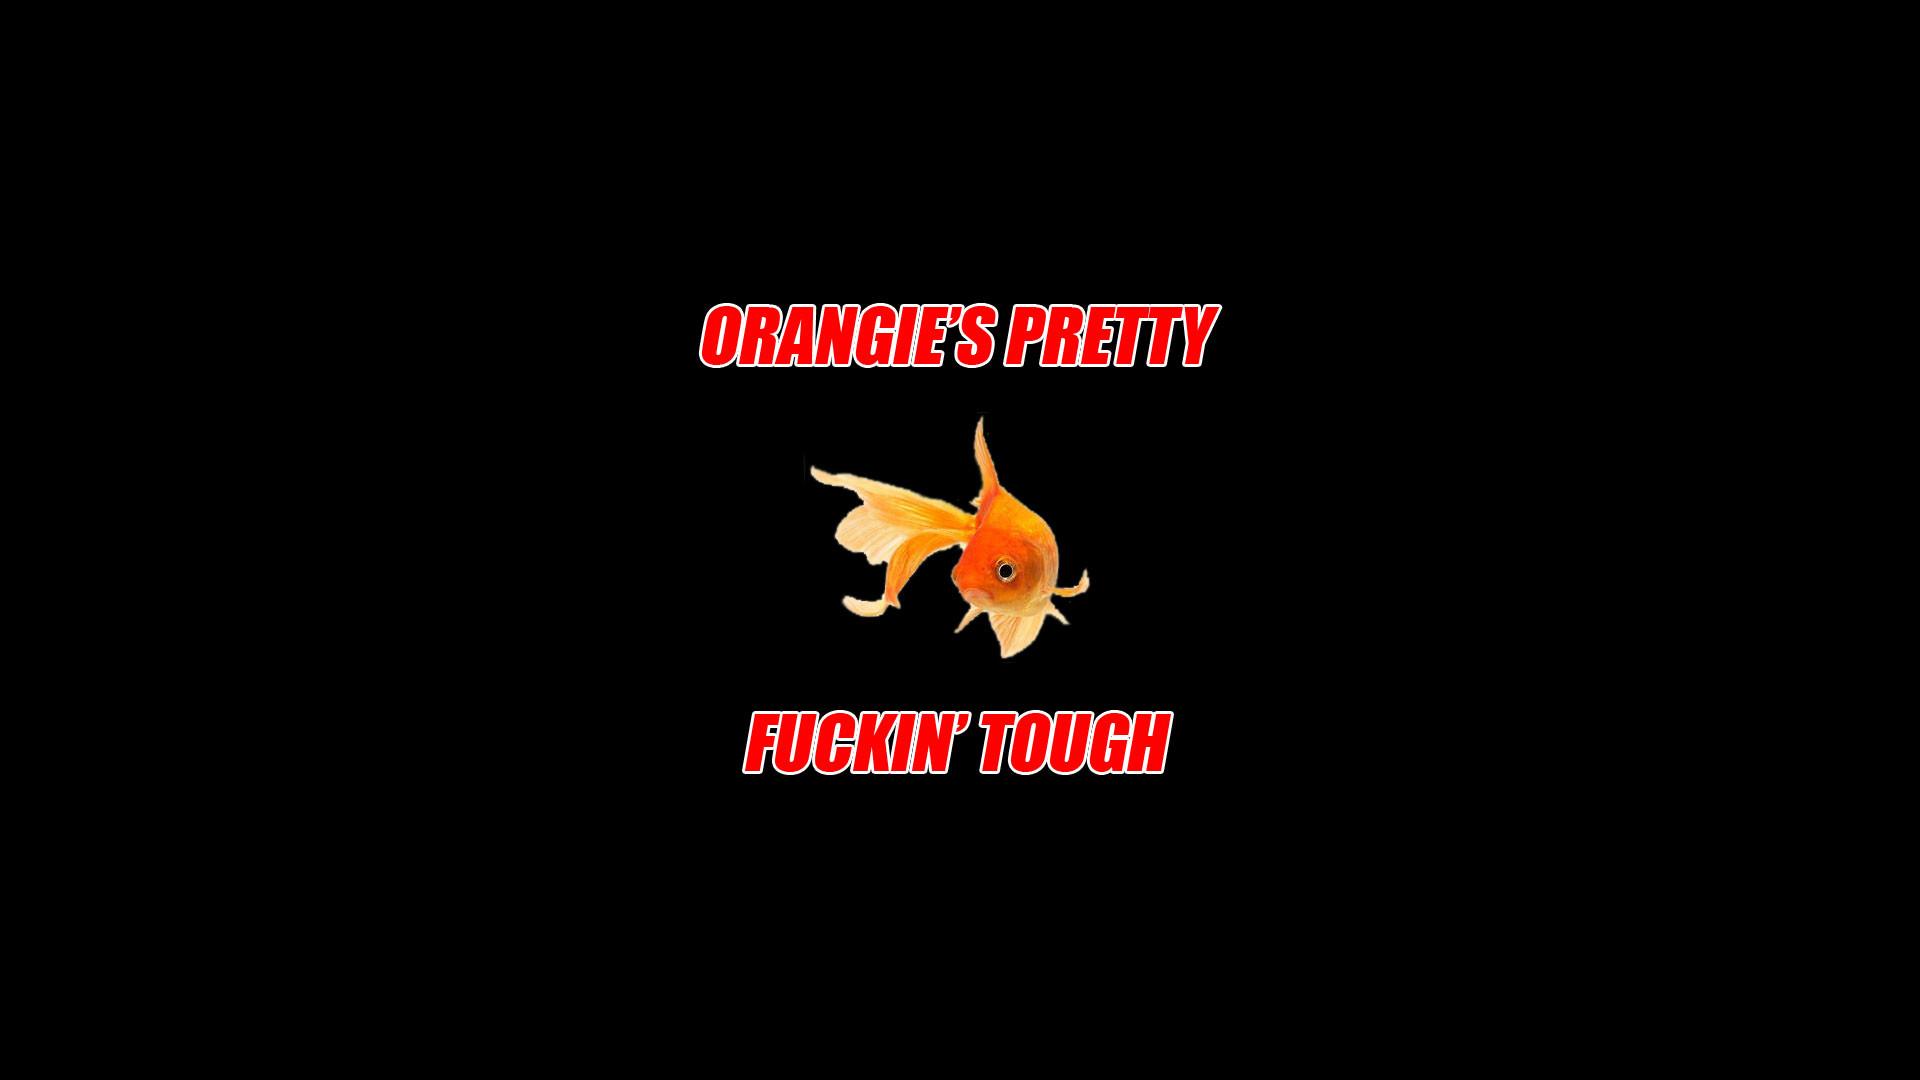 Orangie's pretty fuckin' tough: the dirty, greasy wallpaper (1920×1080) …